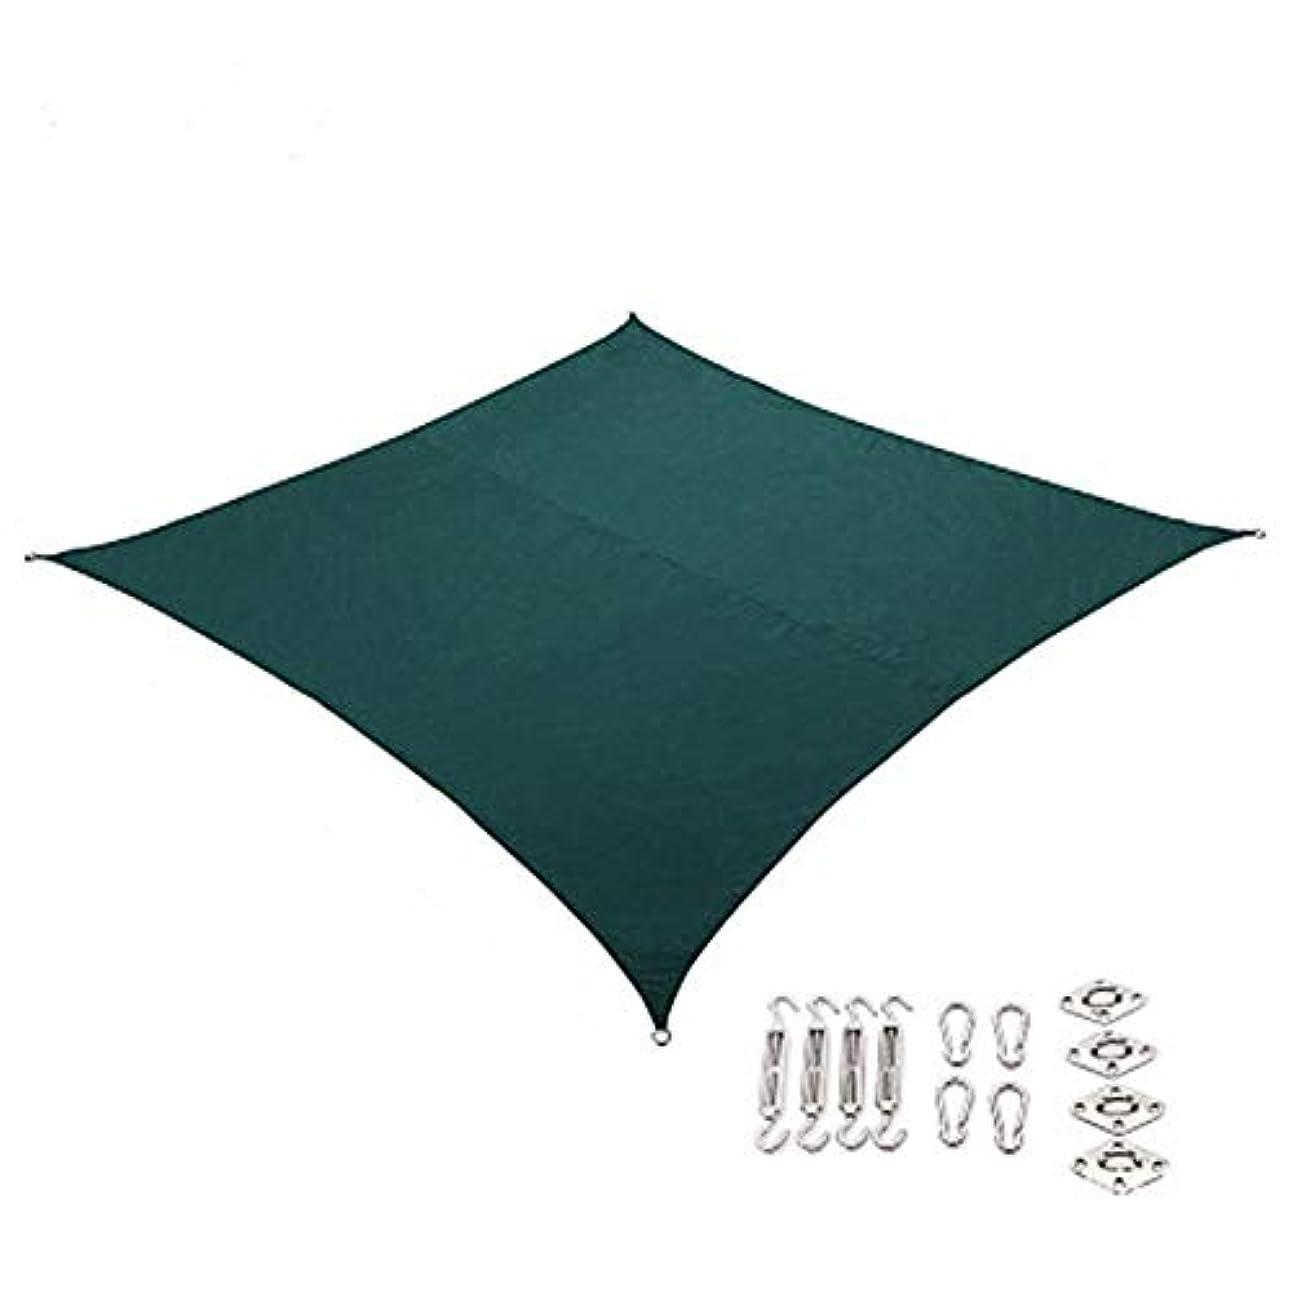 経済的軍団機関車LIXIONG オーニング シェード遮光ネッ三角形 サンシェードセイル 庭園 工場 絶縁ネット アンチUV にとって 温室、 緑、 カスタマイズ可能 (Color : Green, Size : 2.5x3.0m)